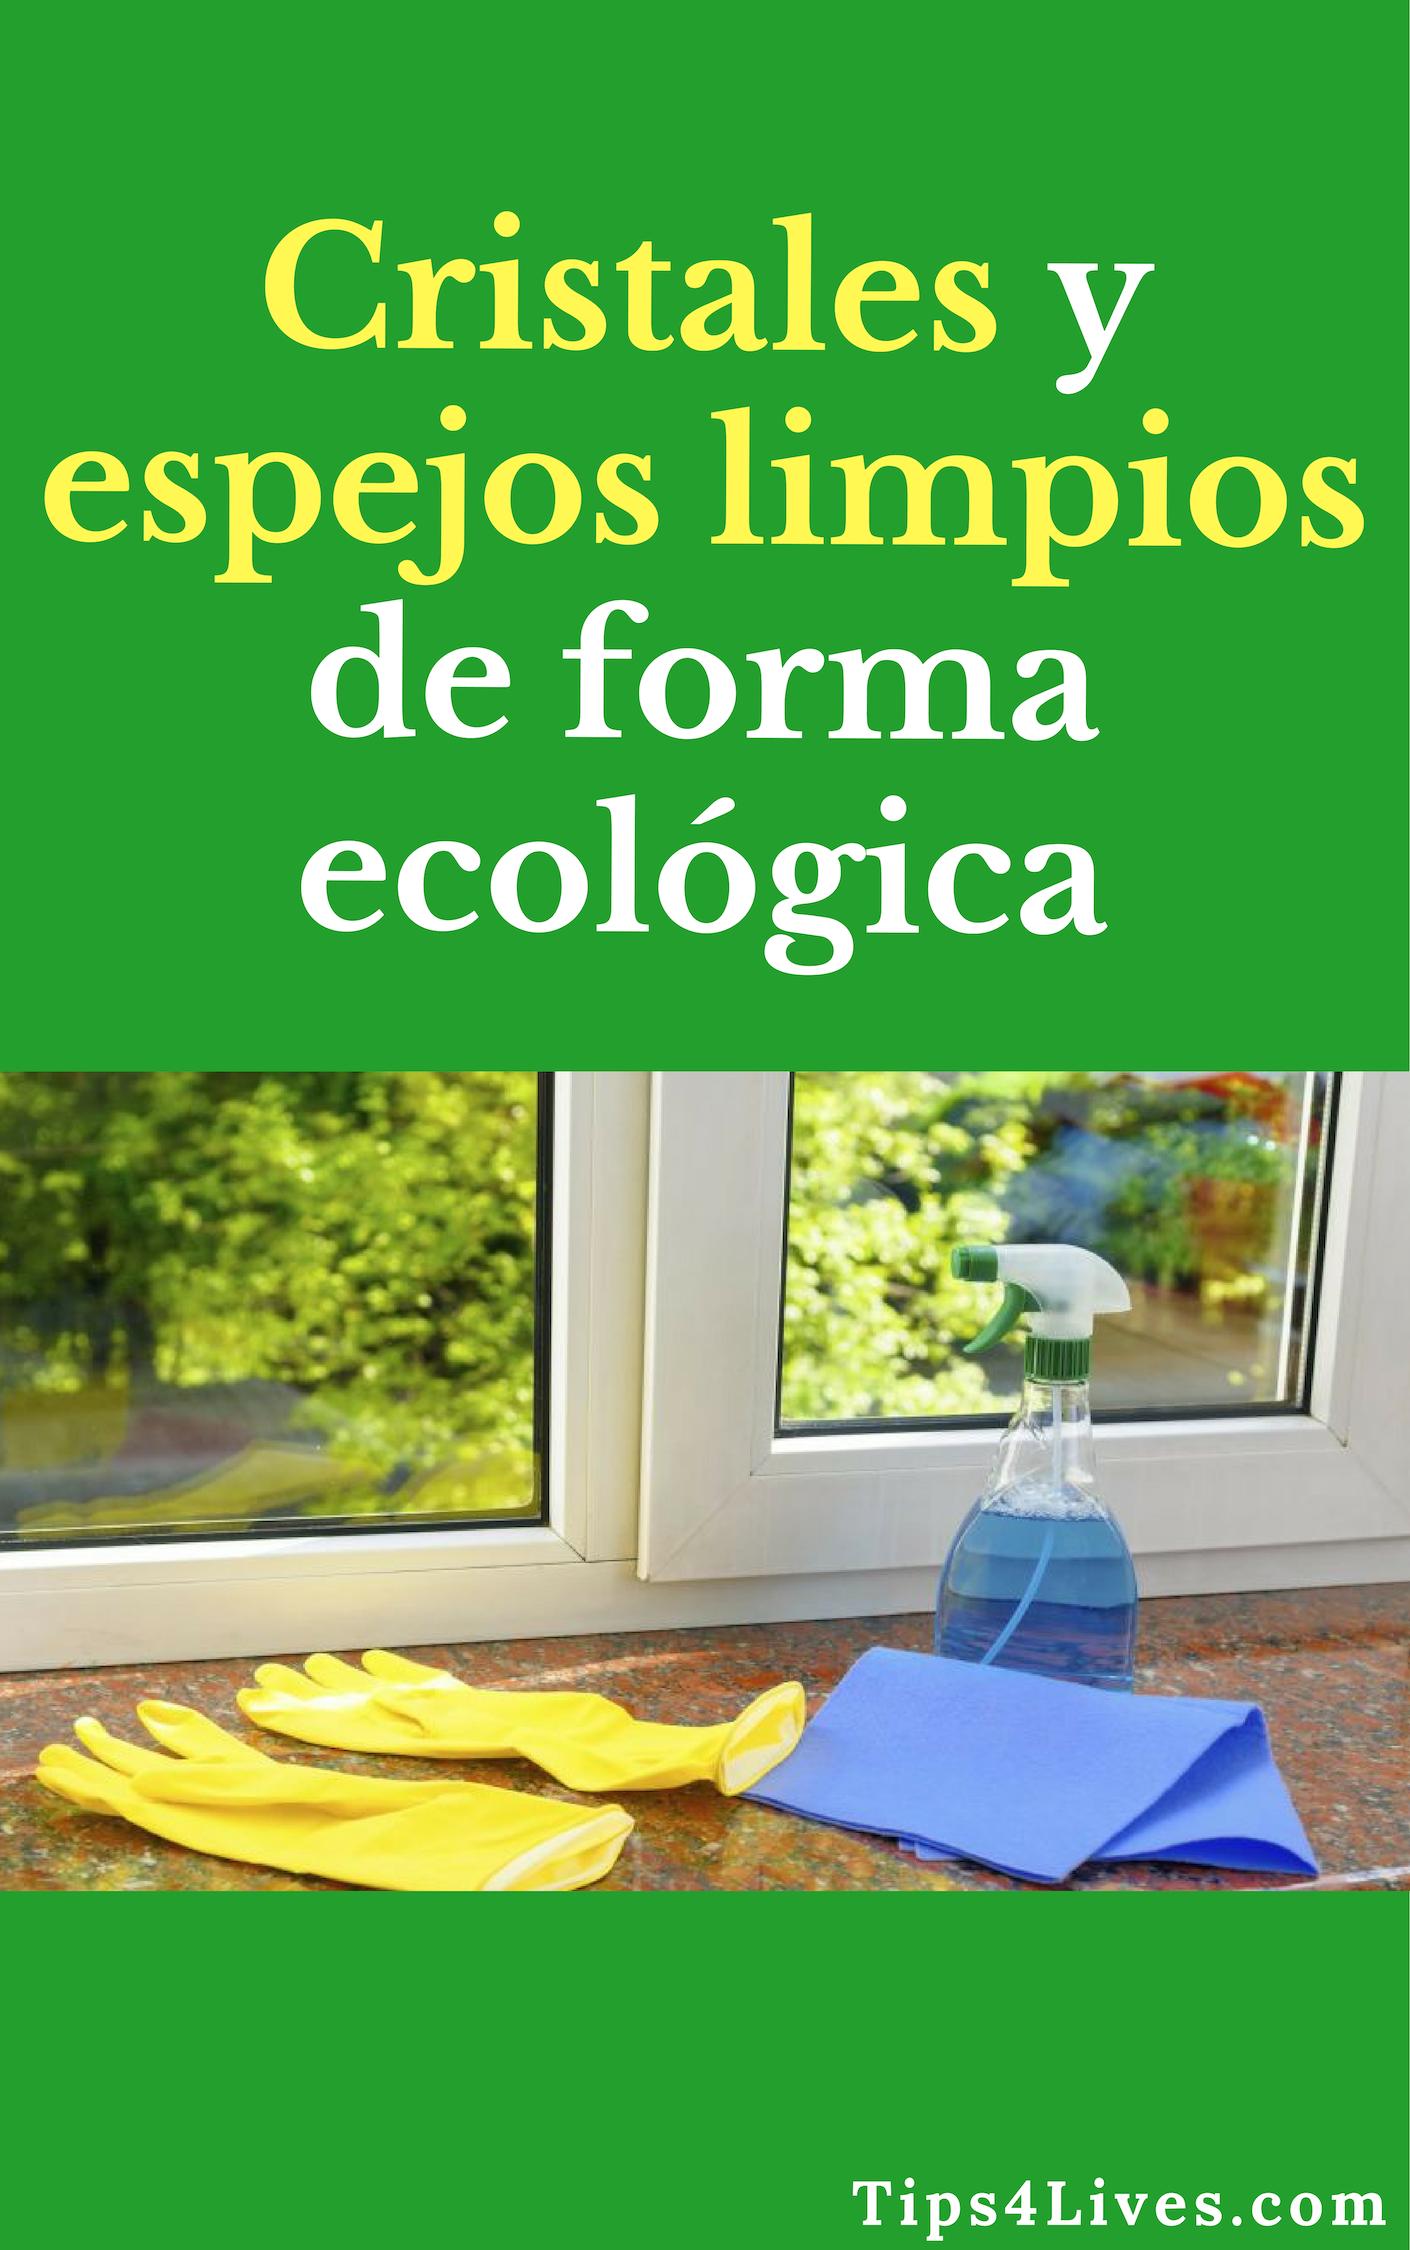 Cristales Y Espejos Limpios De Forma Ecologica Tips Life Vida Limpieza Cristales Espejos Higiene Hogar Tips4lives Diy Bienestar